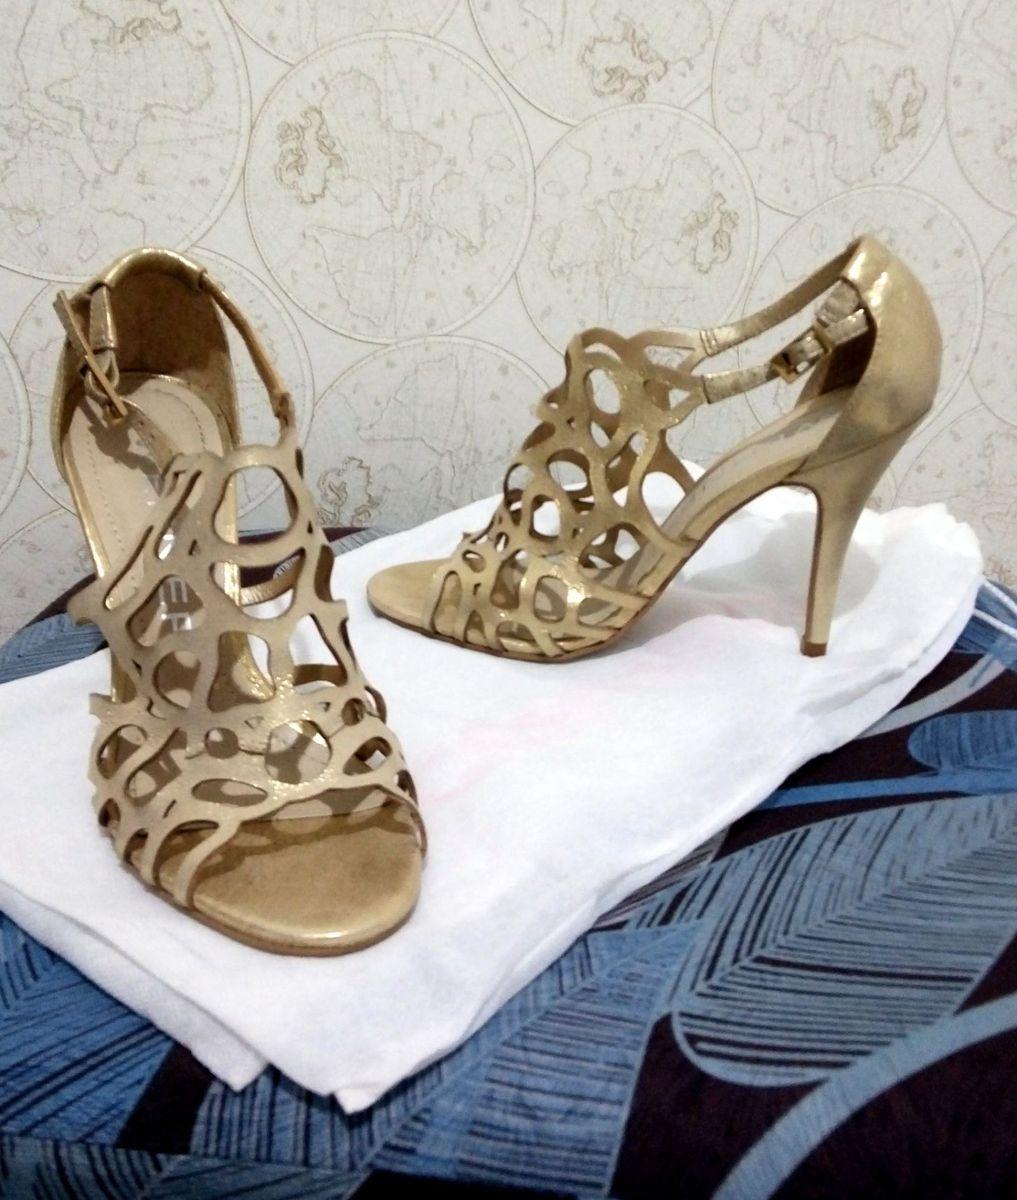 0c11e3edb sandália dourada festa - sandálias werner.  Czm6ly9wag90b3muzw5qb2vplmnvbs5ici9wcm9kdwn0cy84ndk4oti2lzcwmtq0mmvlmdy2mjyxmgixntazodcxnzbkowvlmdgxlmpwzw